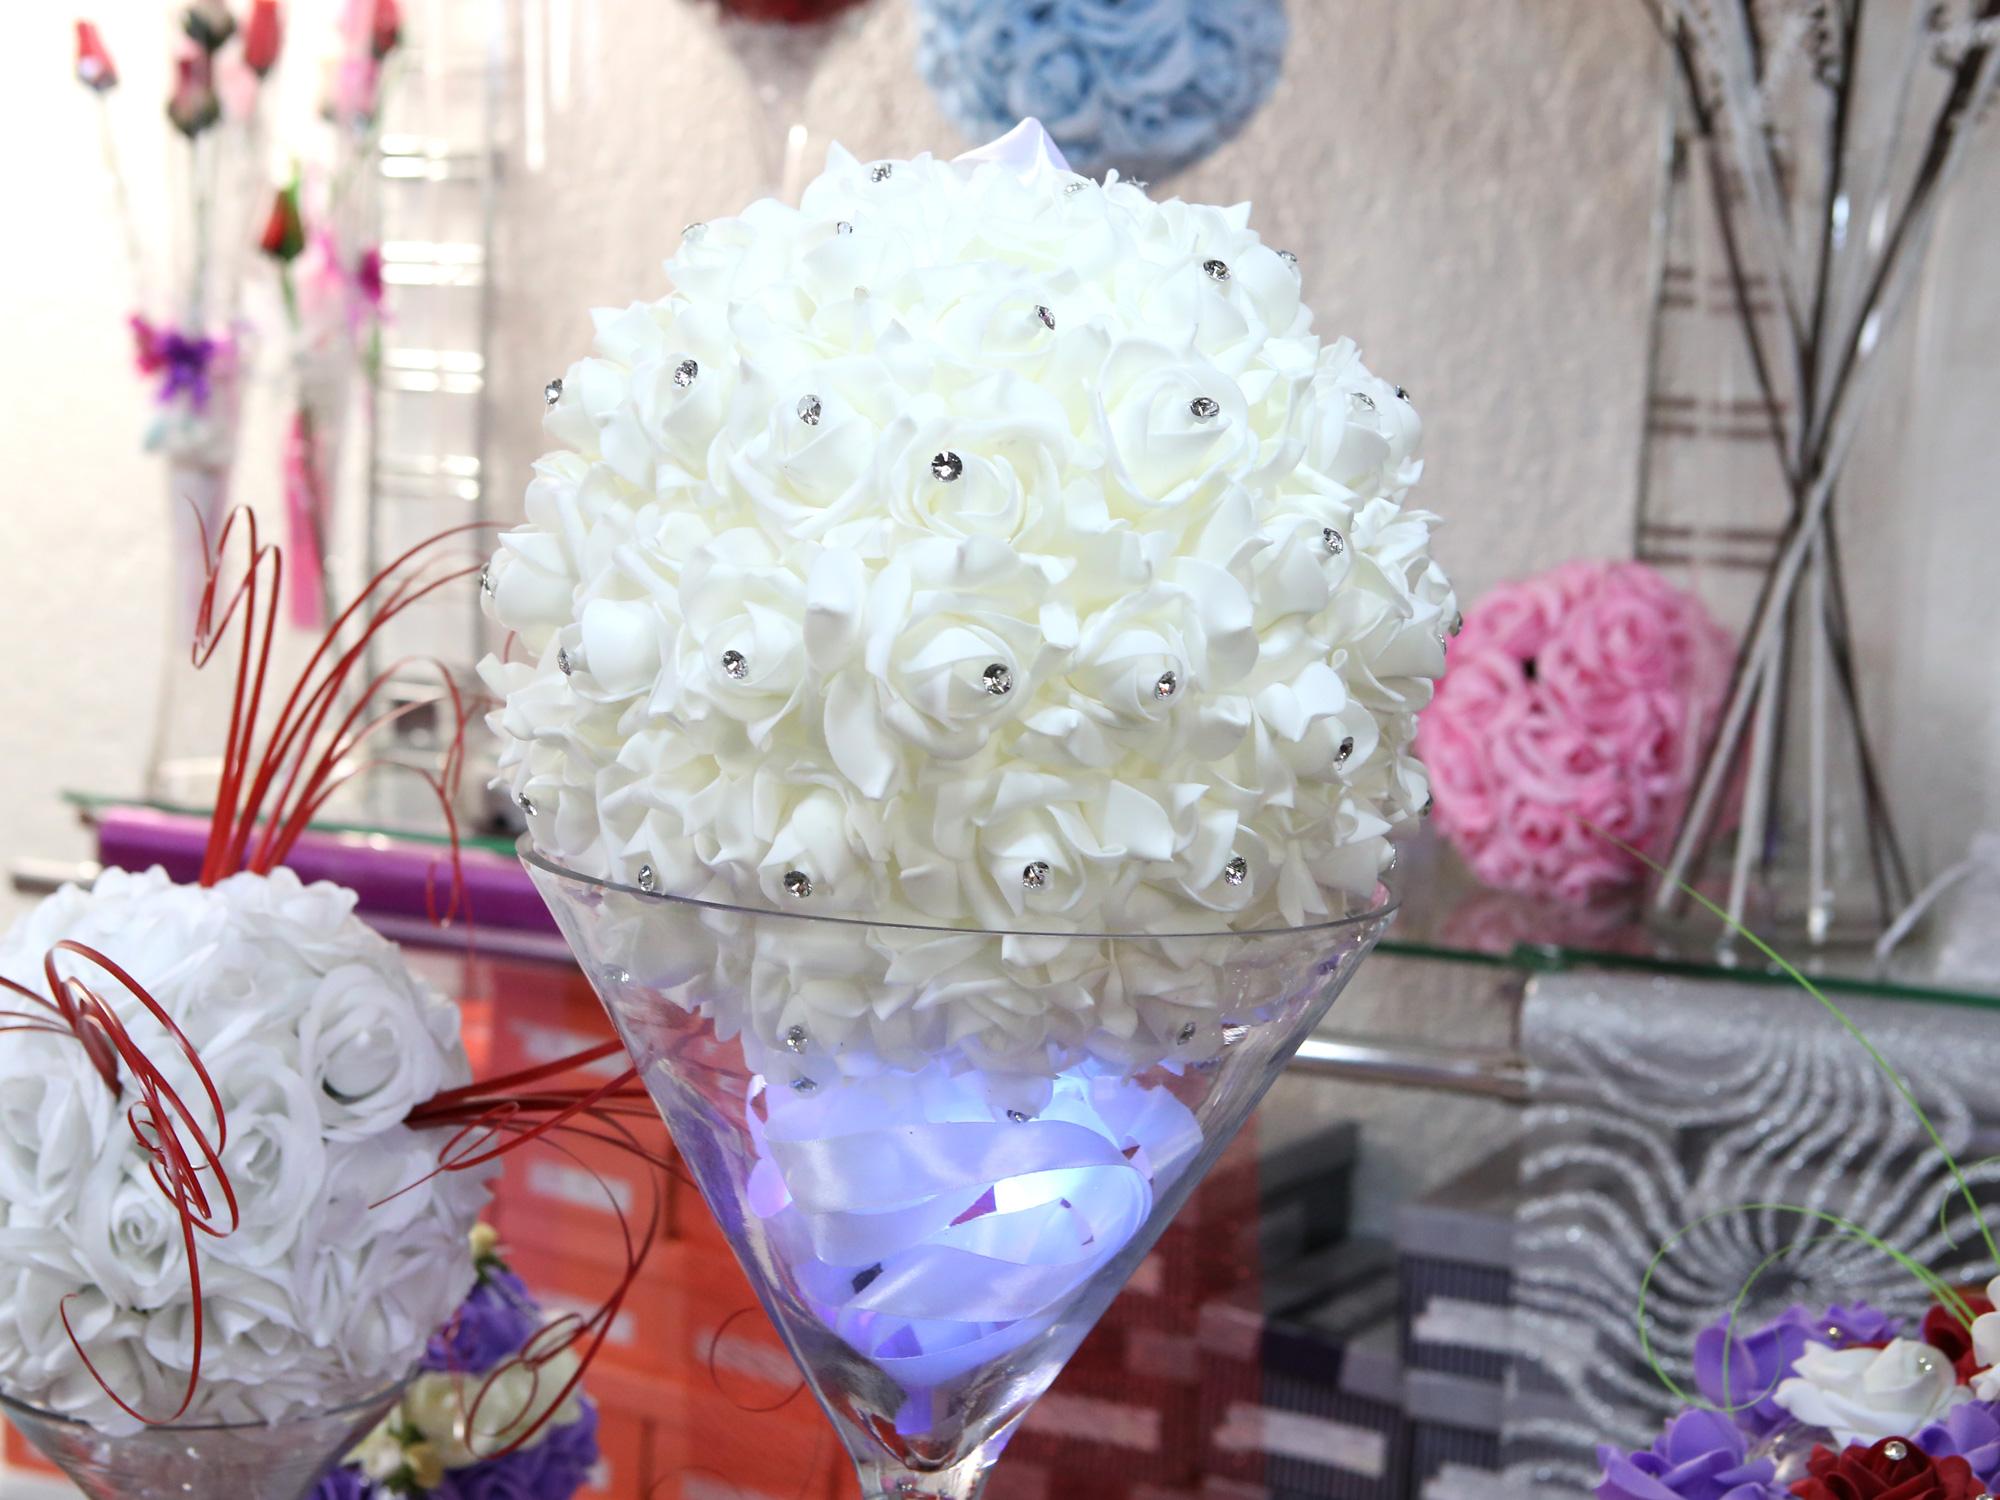 boule de fleur artificielle avec des strass 25 cm diam tre bl25 mariage bapt me f te boule. Black Bedroom Furniture Sets. Home Design Ideas